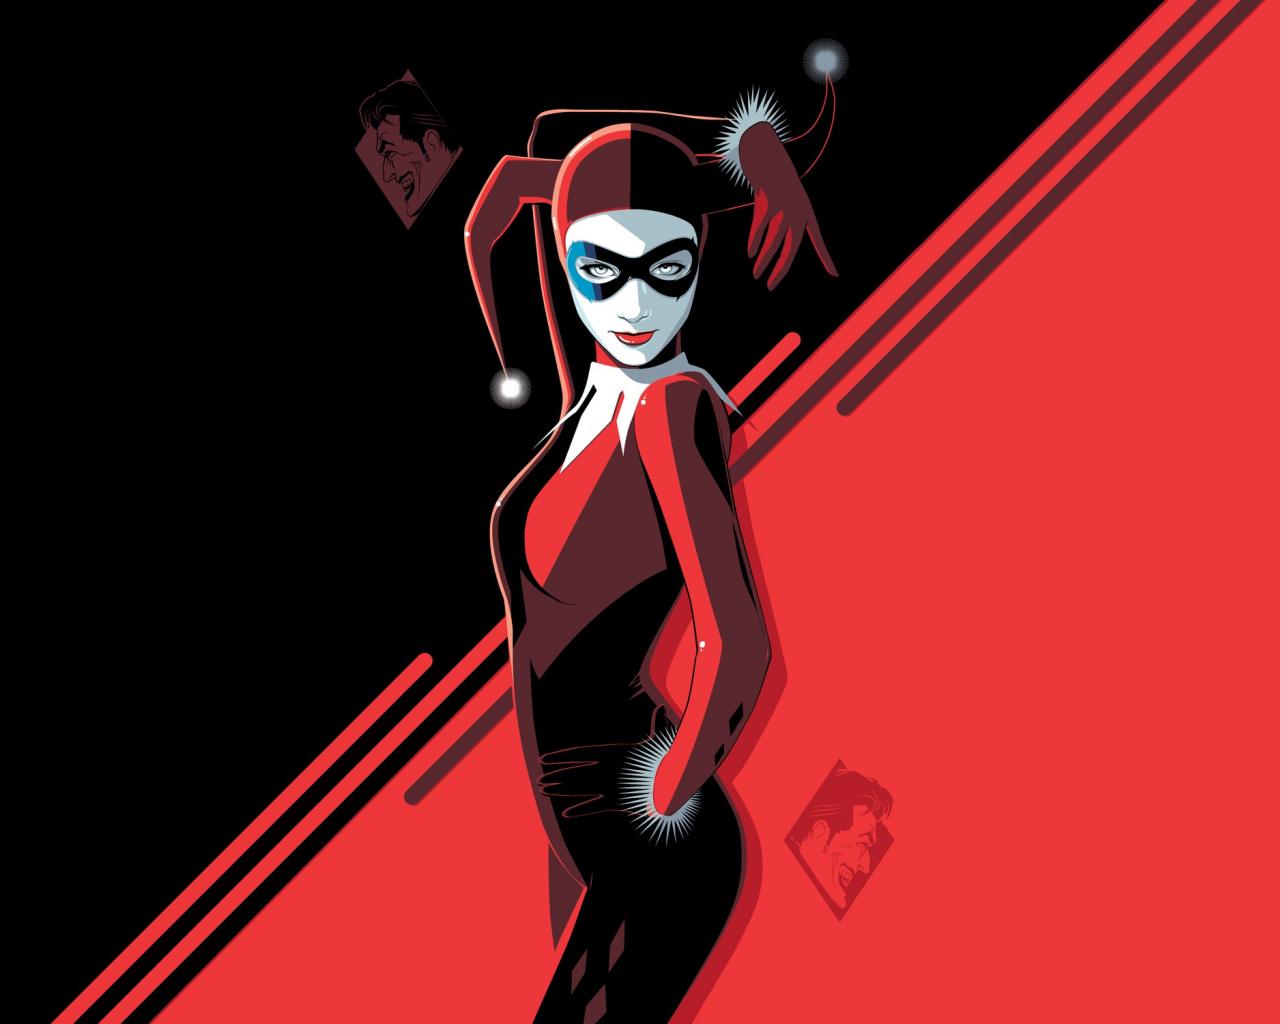 Harley Quinn, minimal, villain, minimal, art, 1280x1024 wallpaper